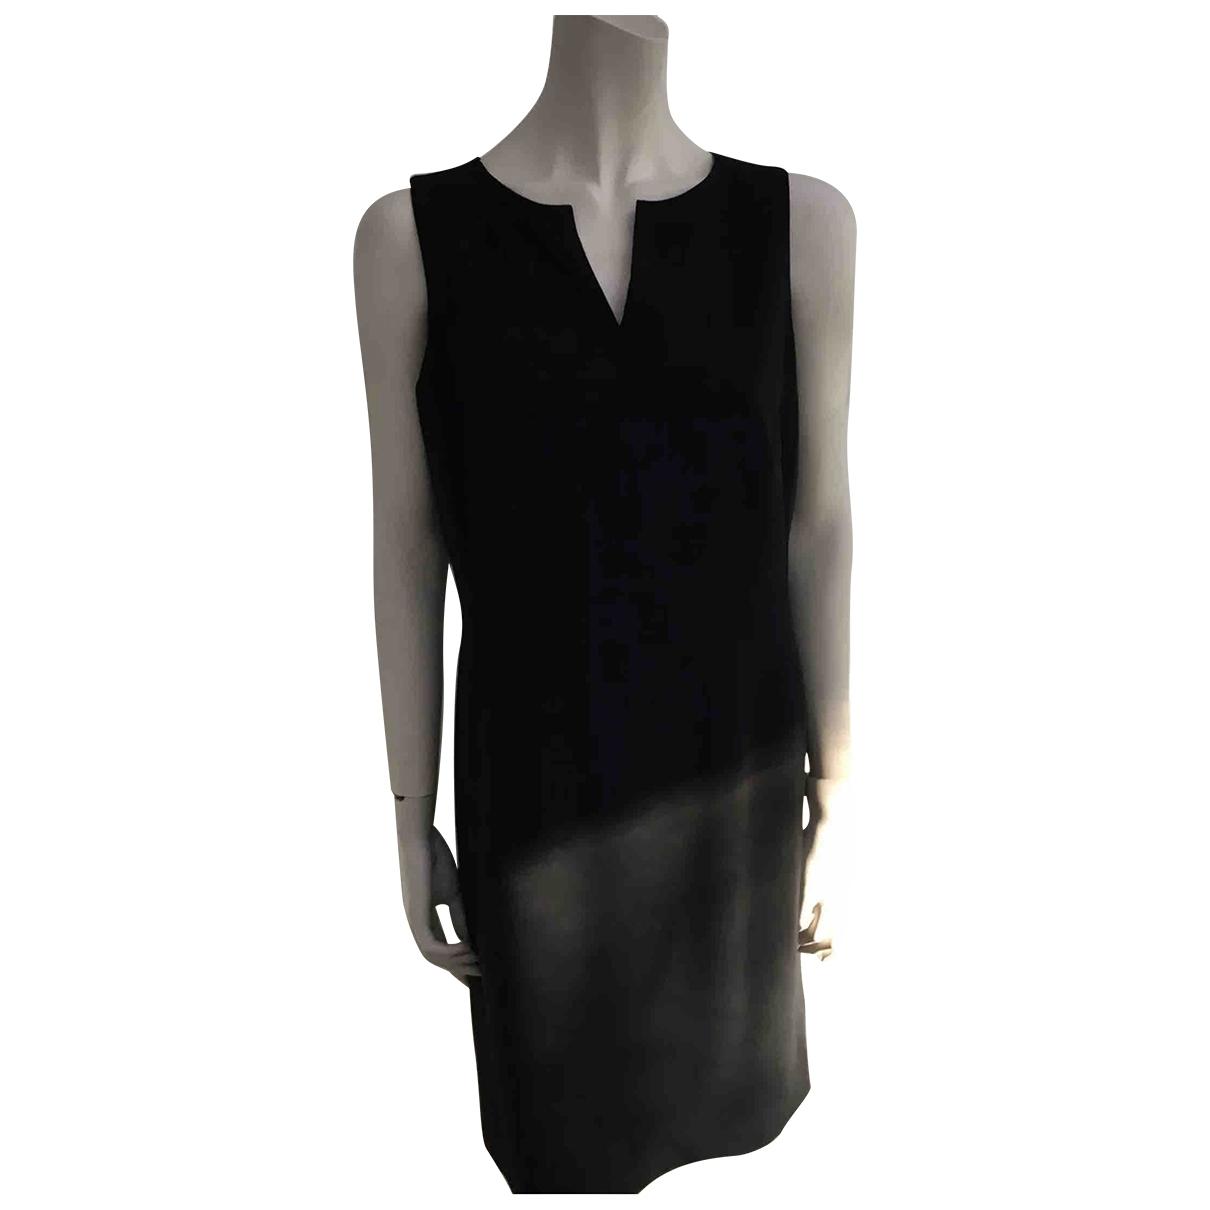 Jaeger \N Black dress for Women 12 UK